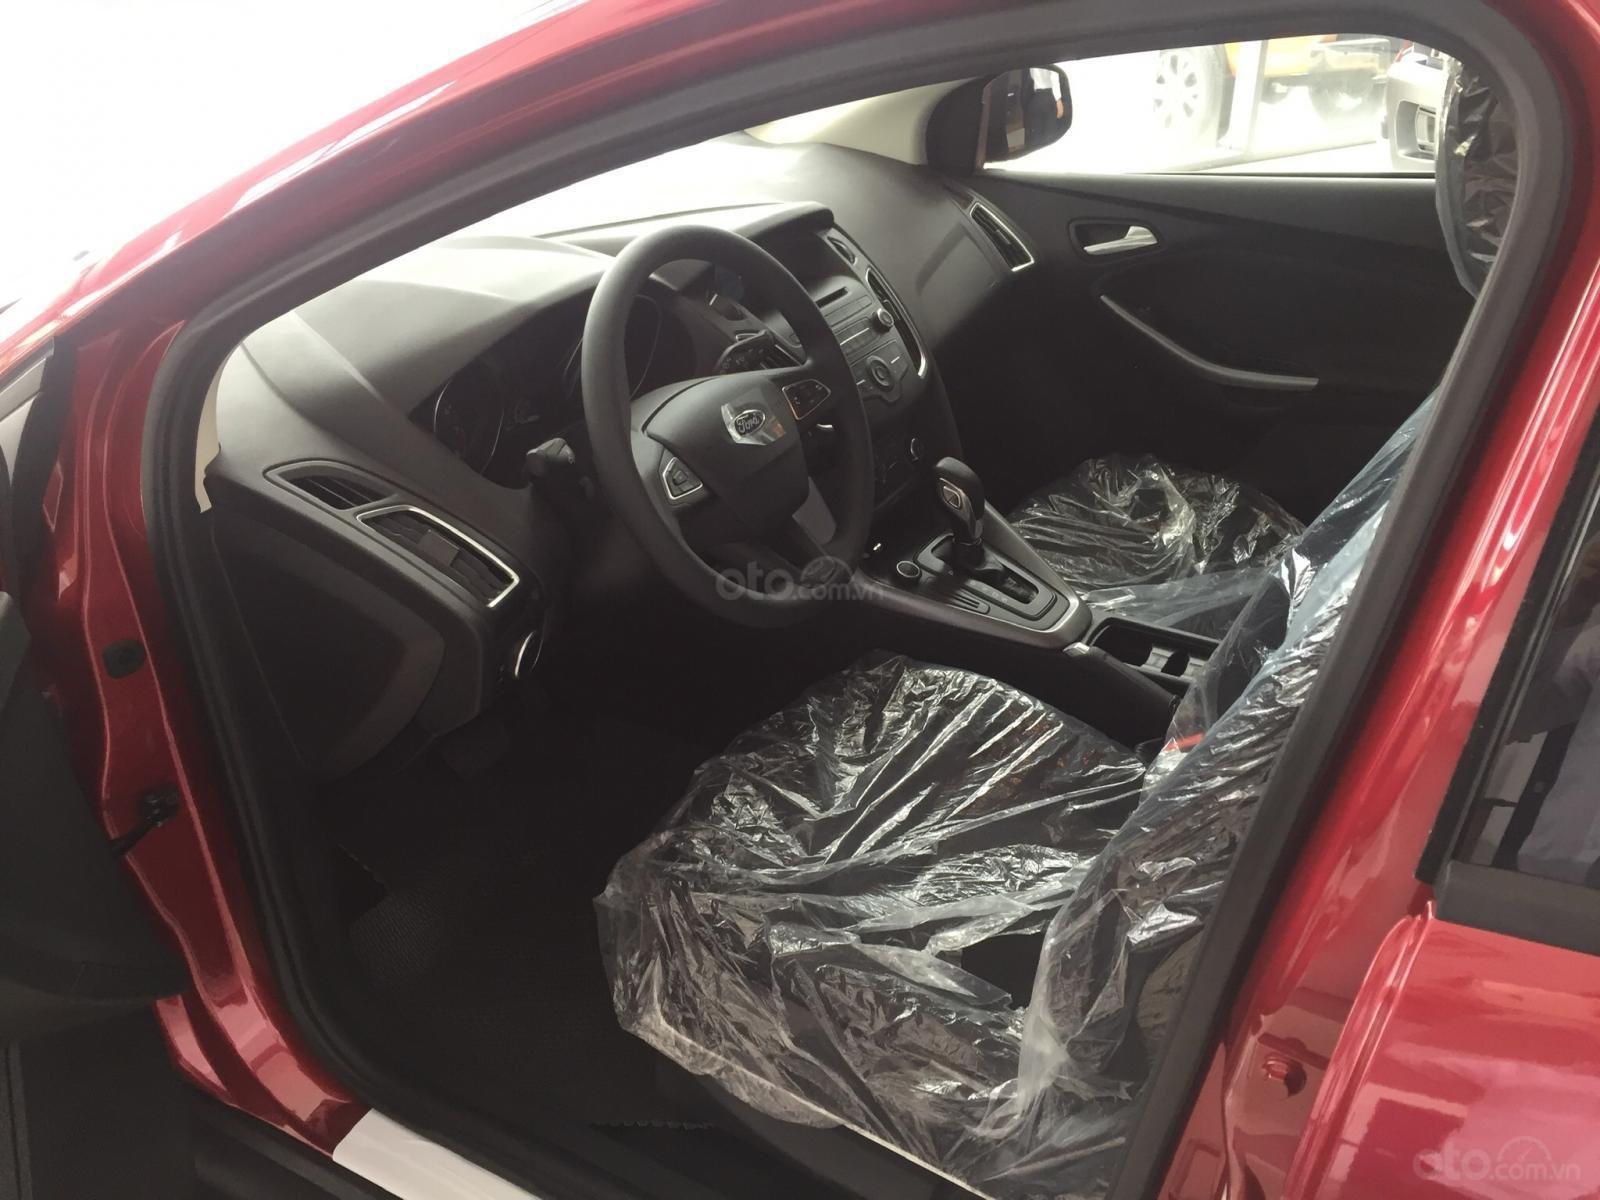 Bán xe Ford Focus năm sản xuất 2019, màu bạc, nhập khẩu, giá 199tr-2